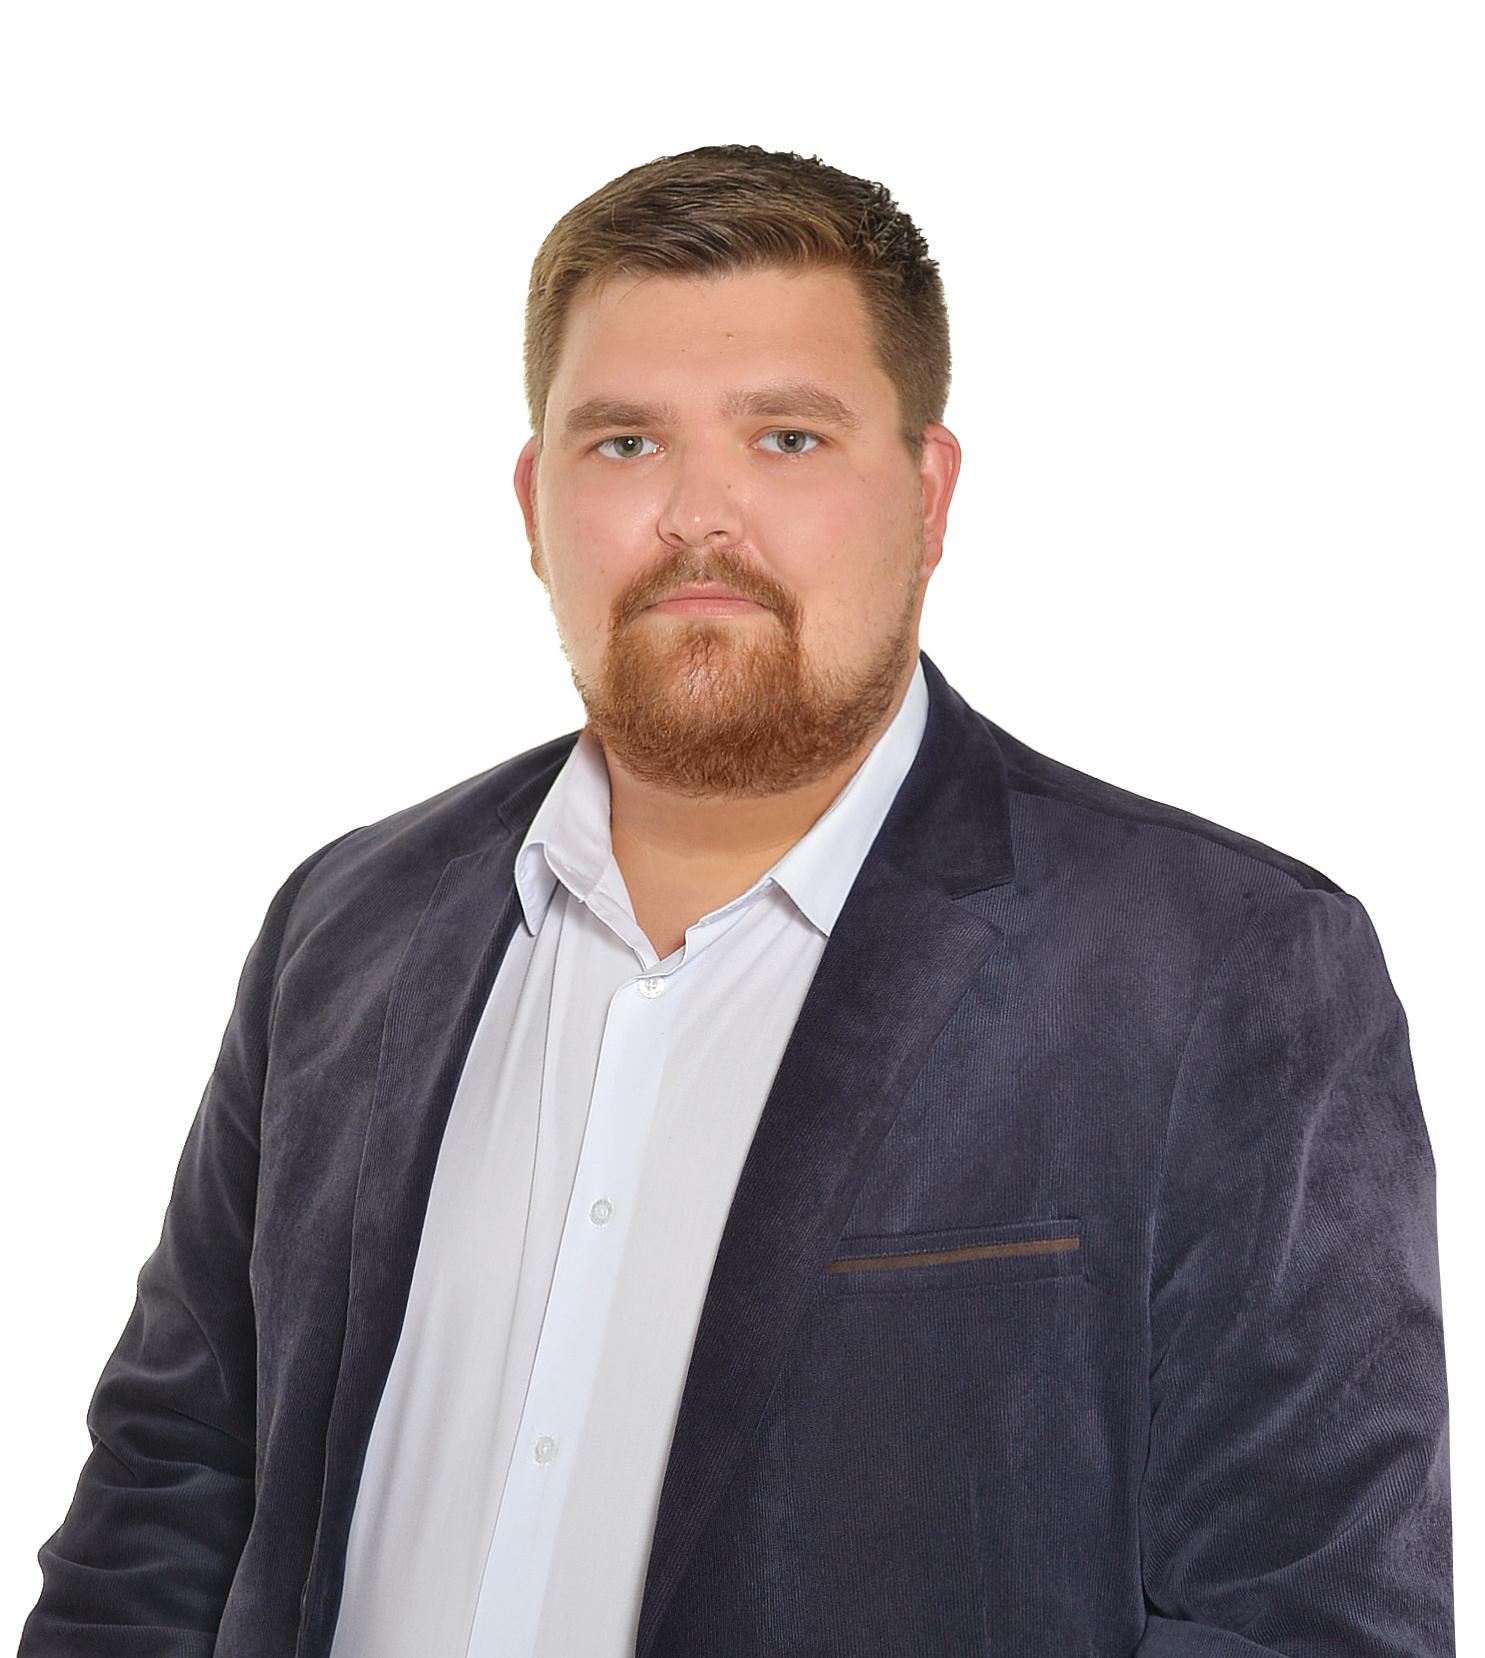 Морозов Святослав Олександрович